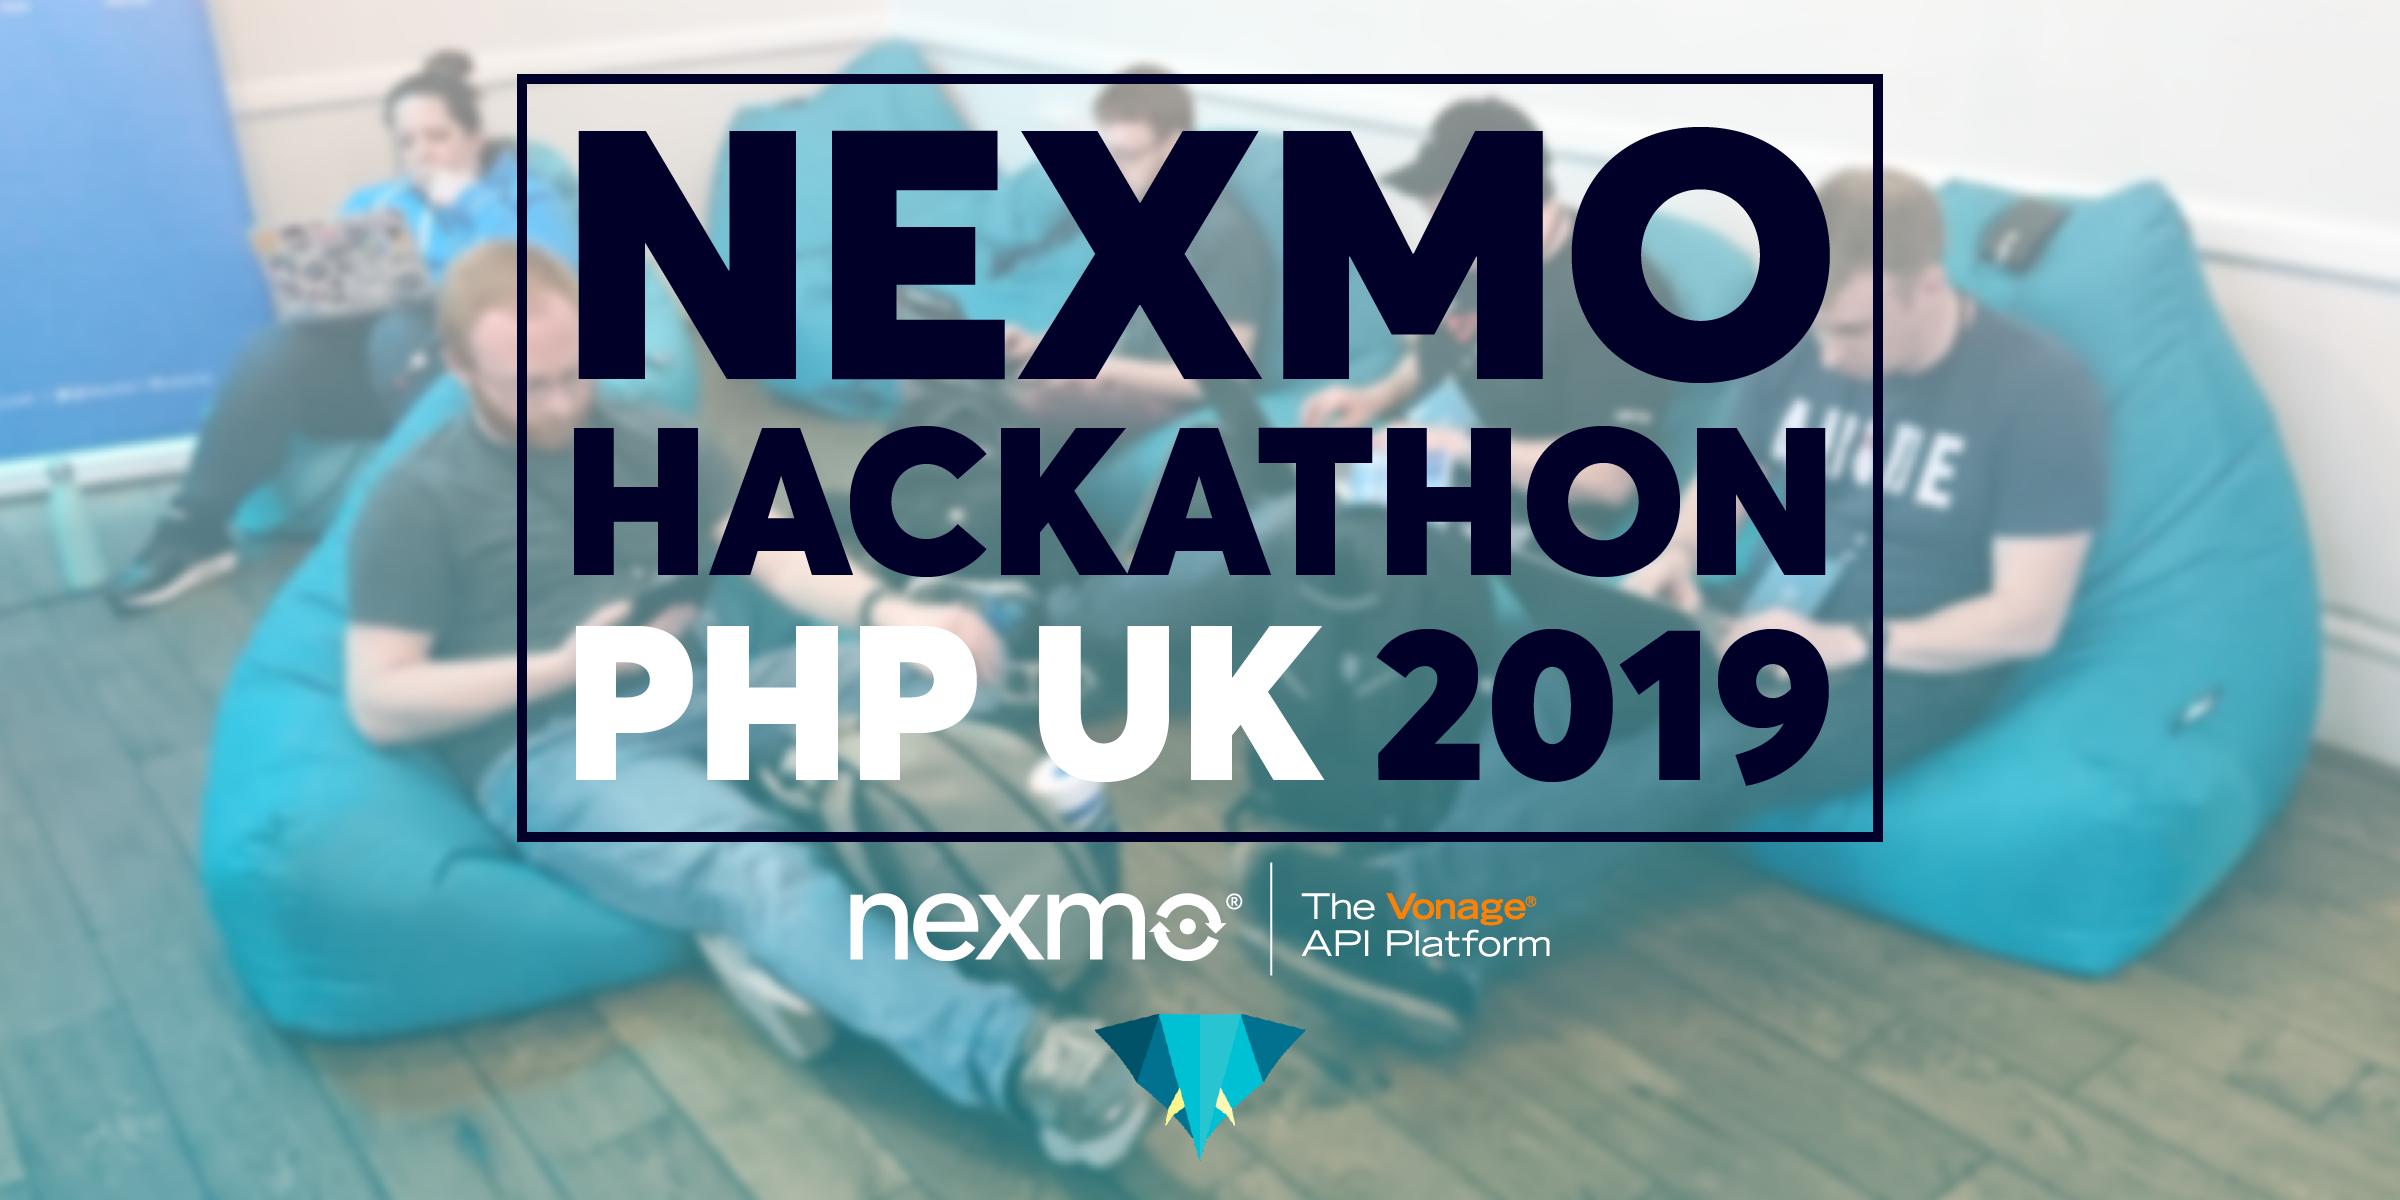 Nexmo Hackathon at PHP UK 2019